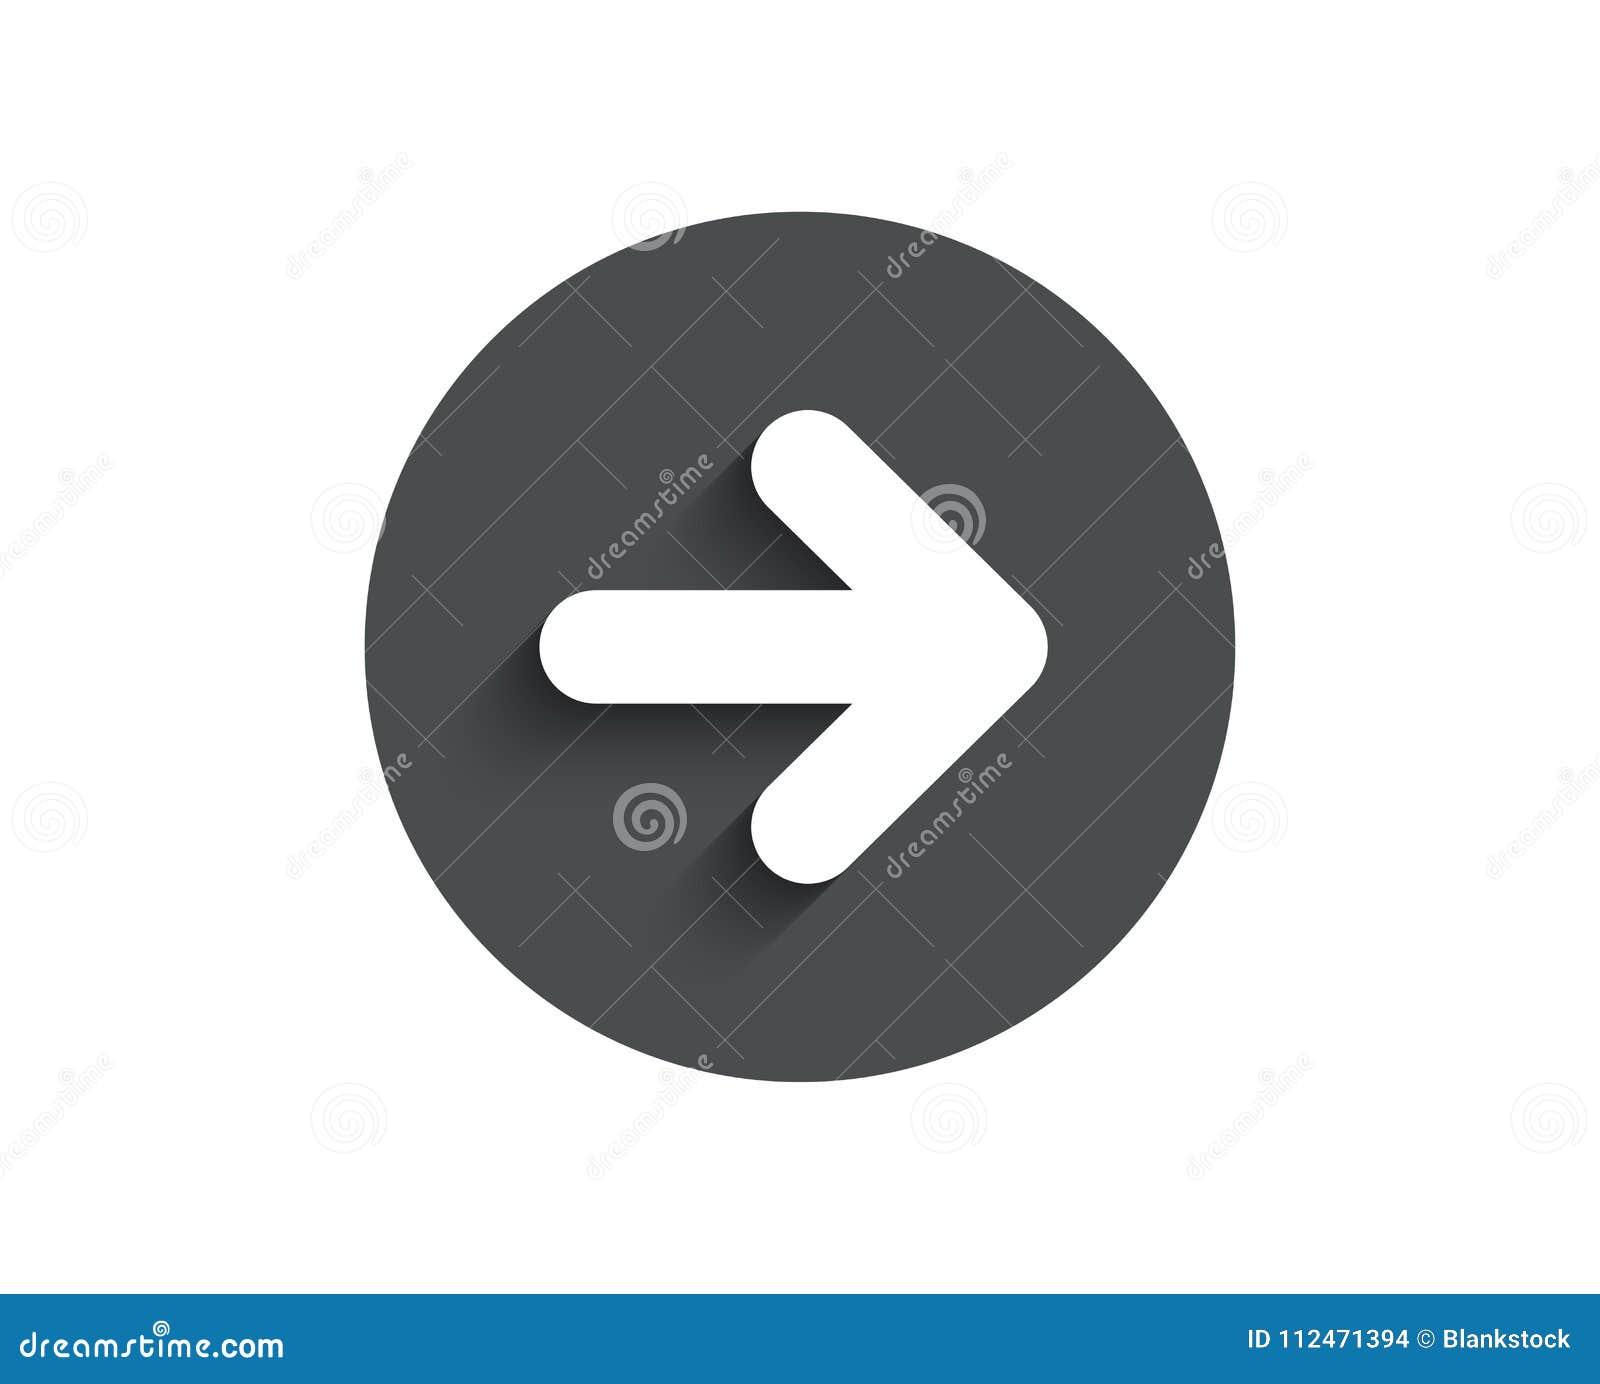 Next Arrow Simple Icon  Forward Arrowhead  Stock Vector